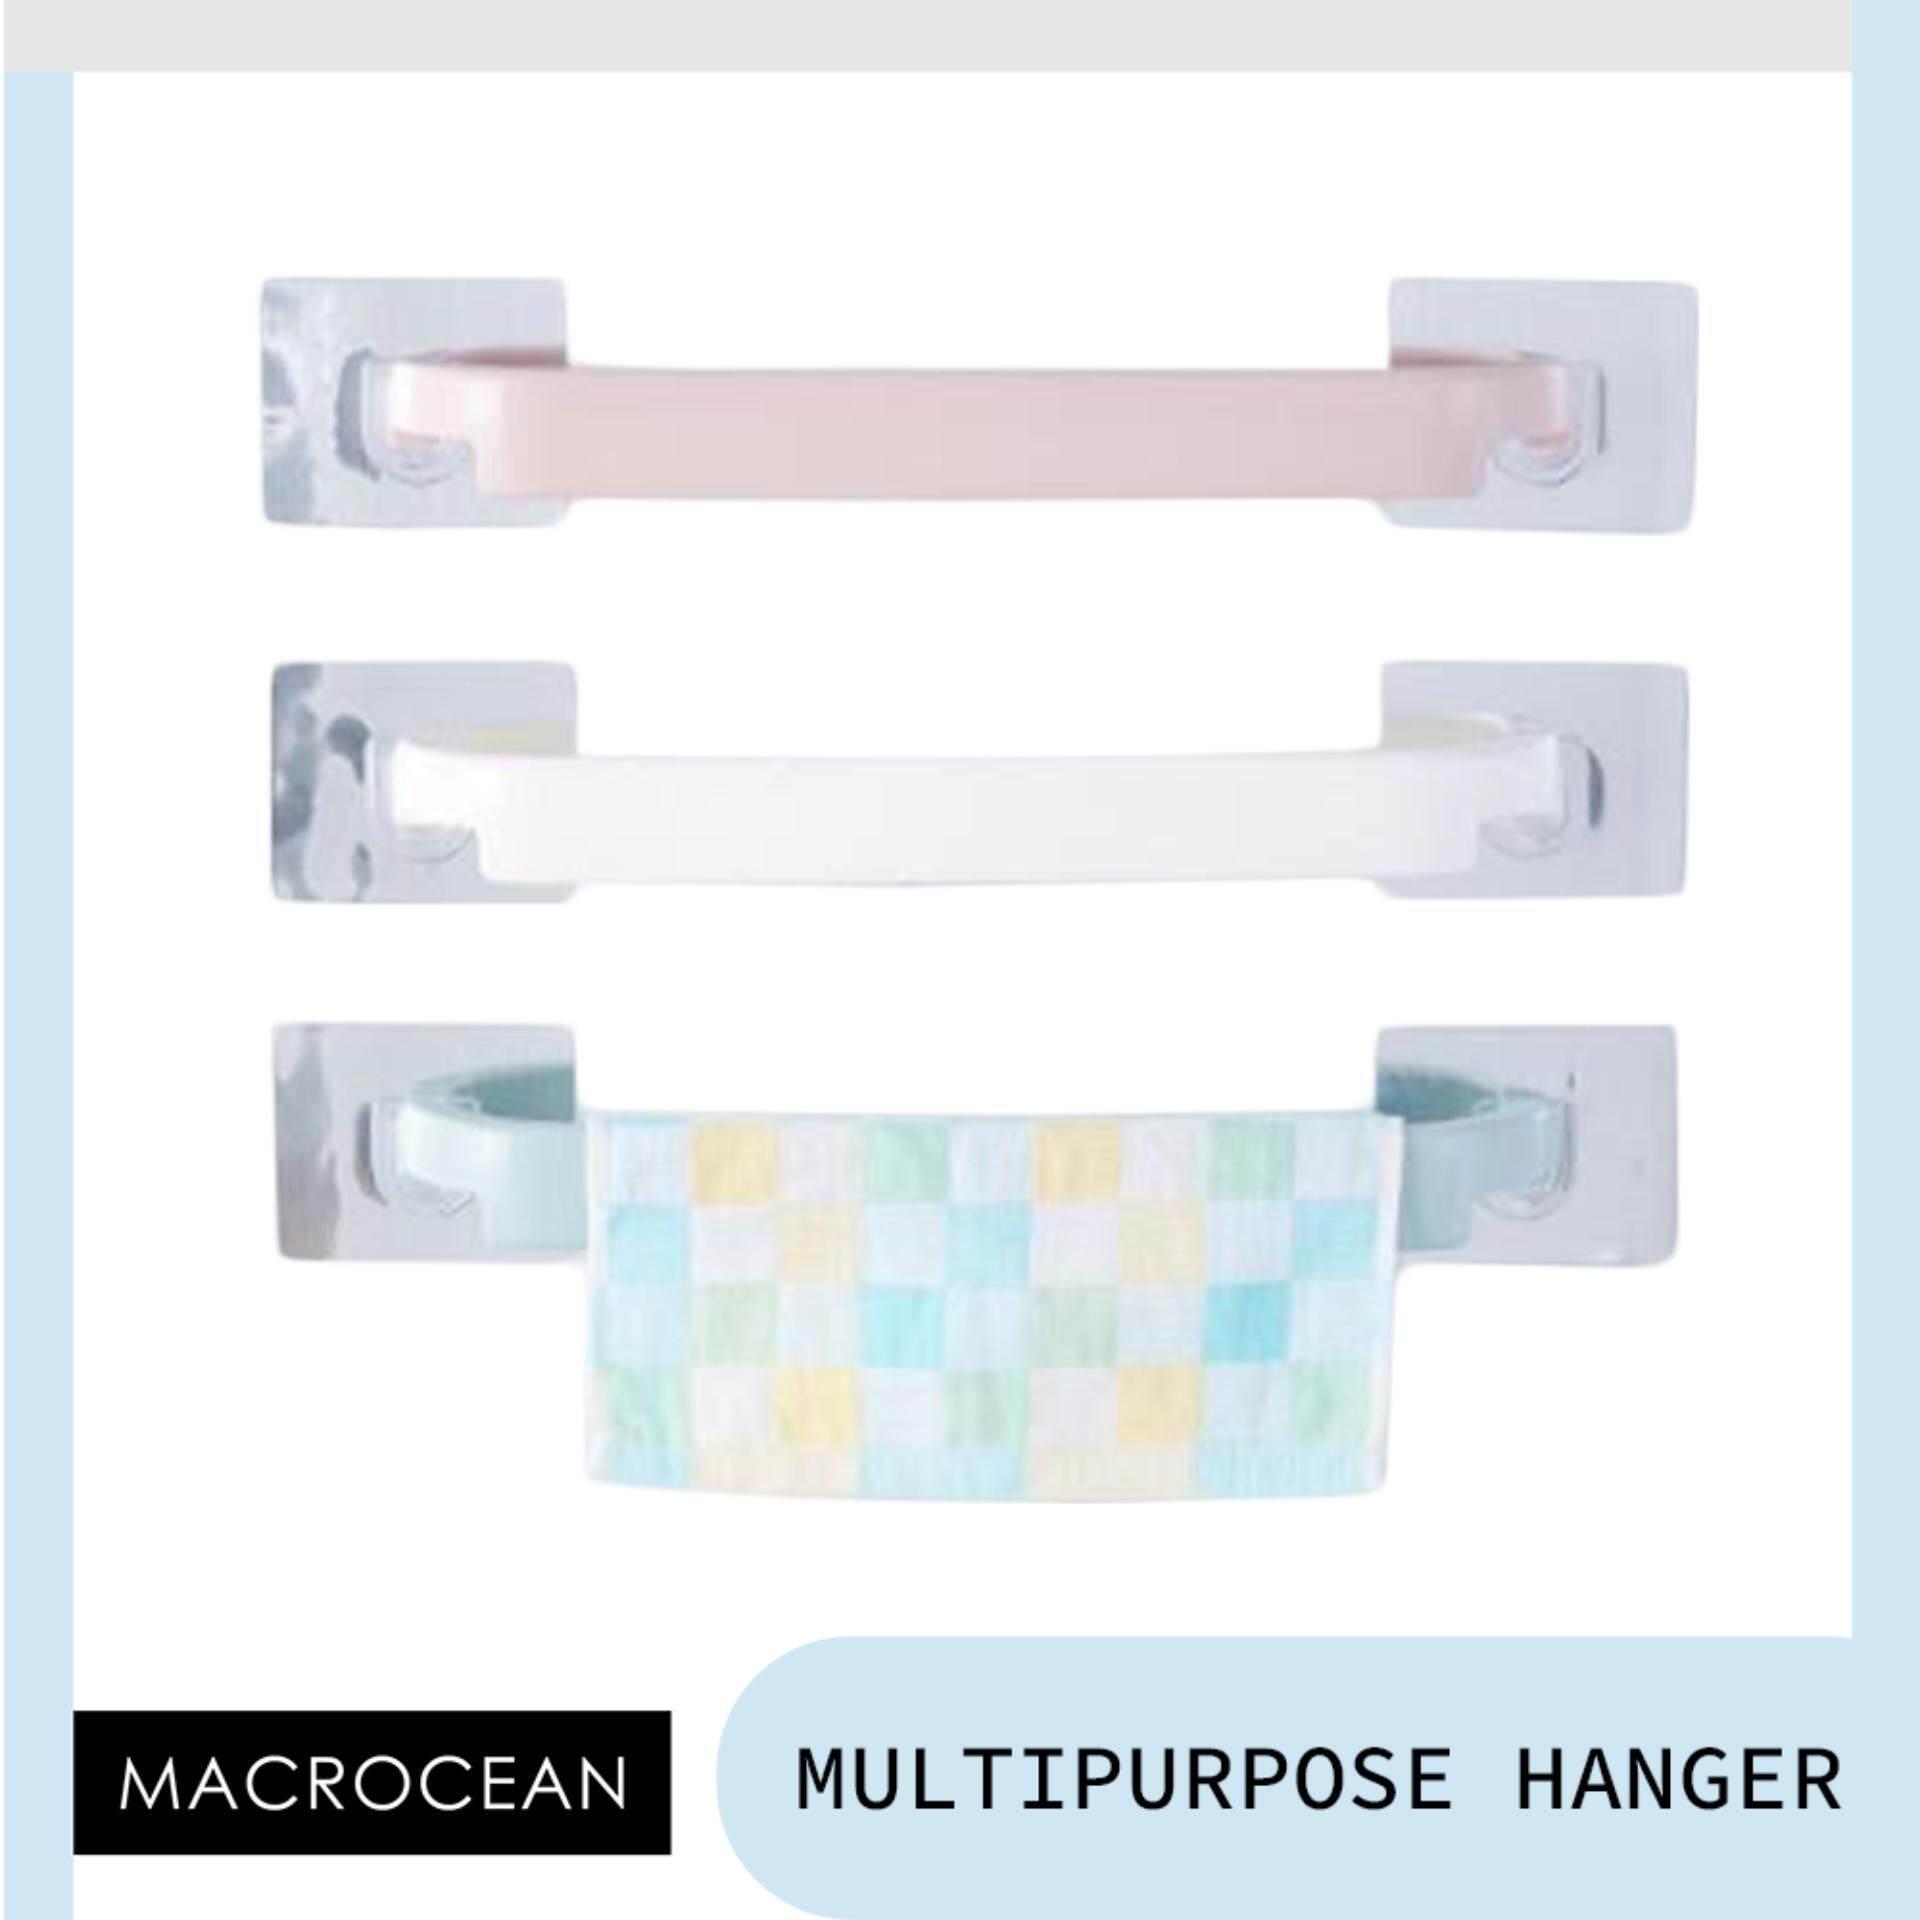 Bathroom Multipurpose Towel Hanger Space Saving Plastic Kitchen Storage By Macrocean.